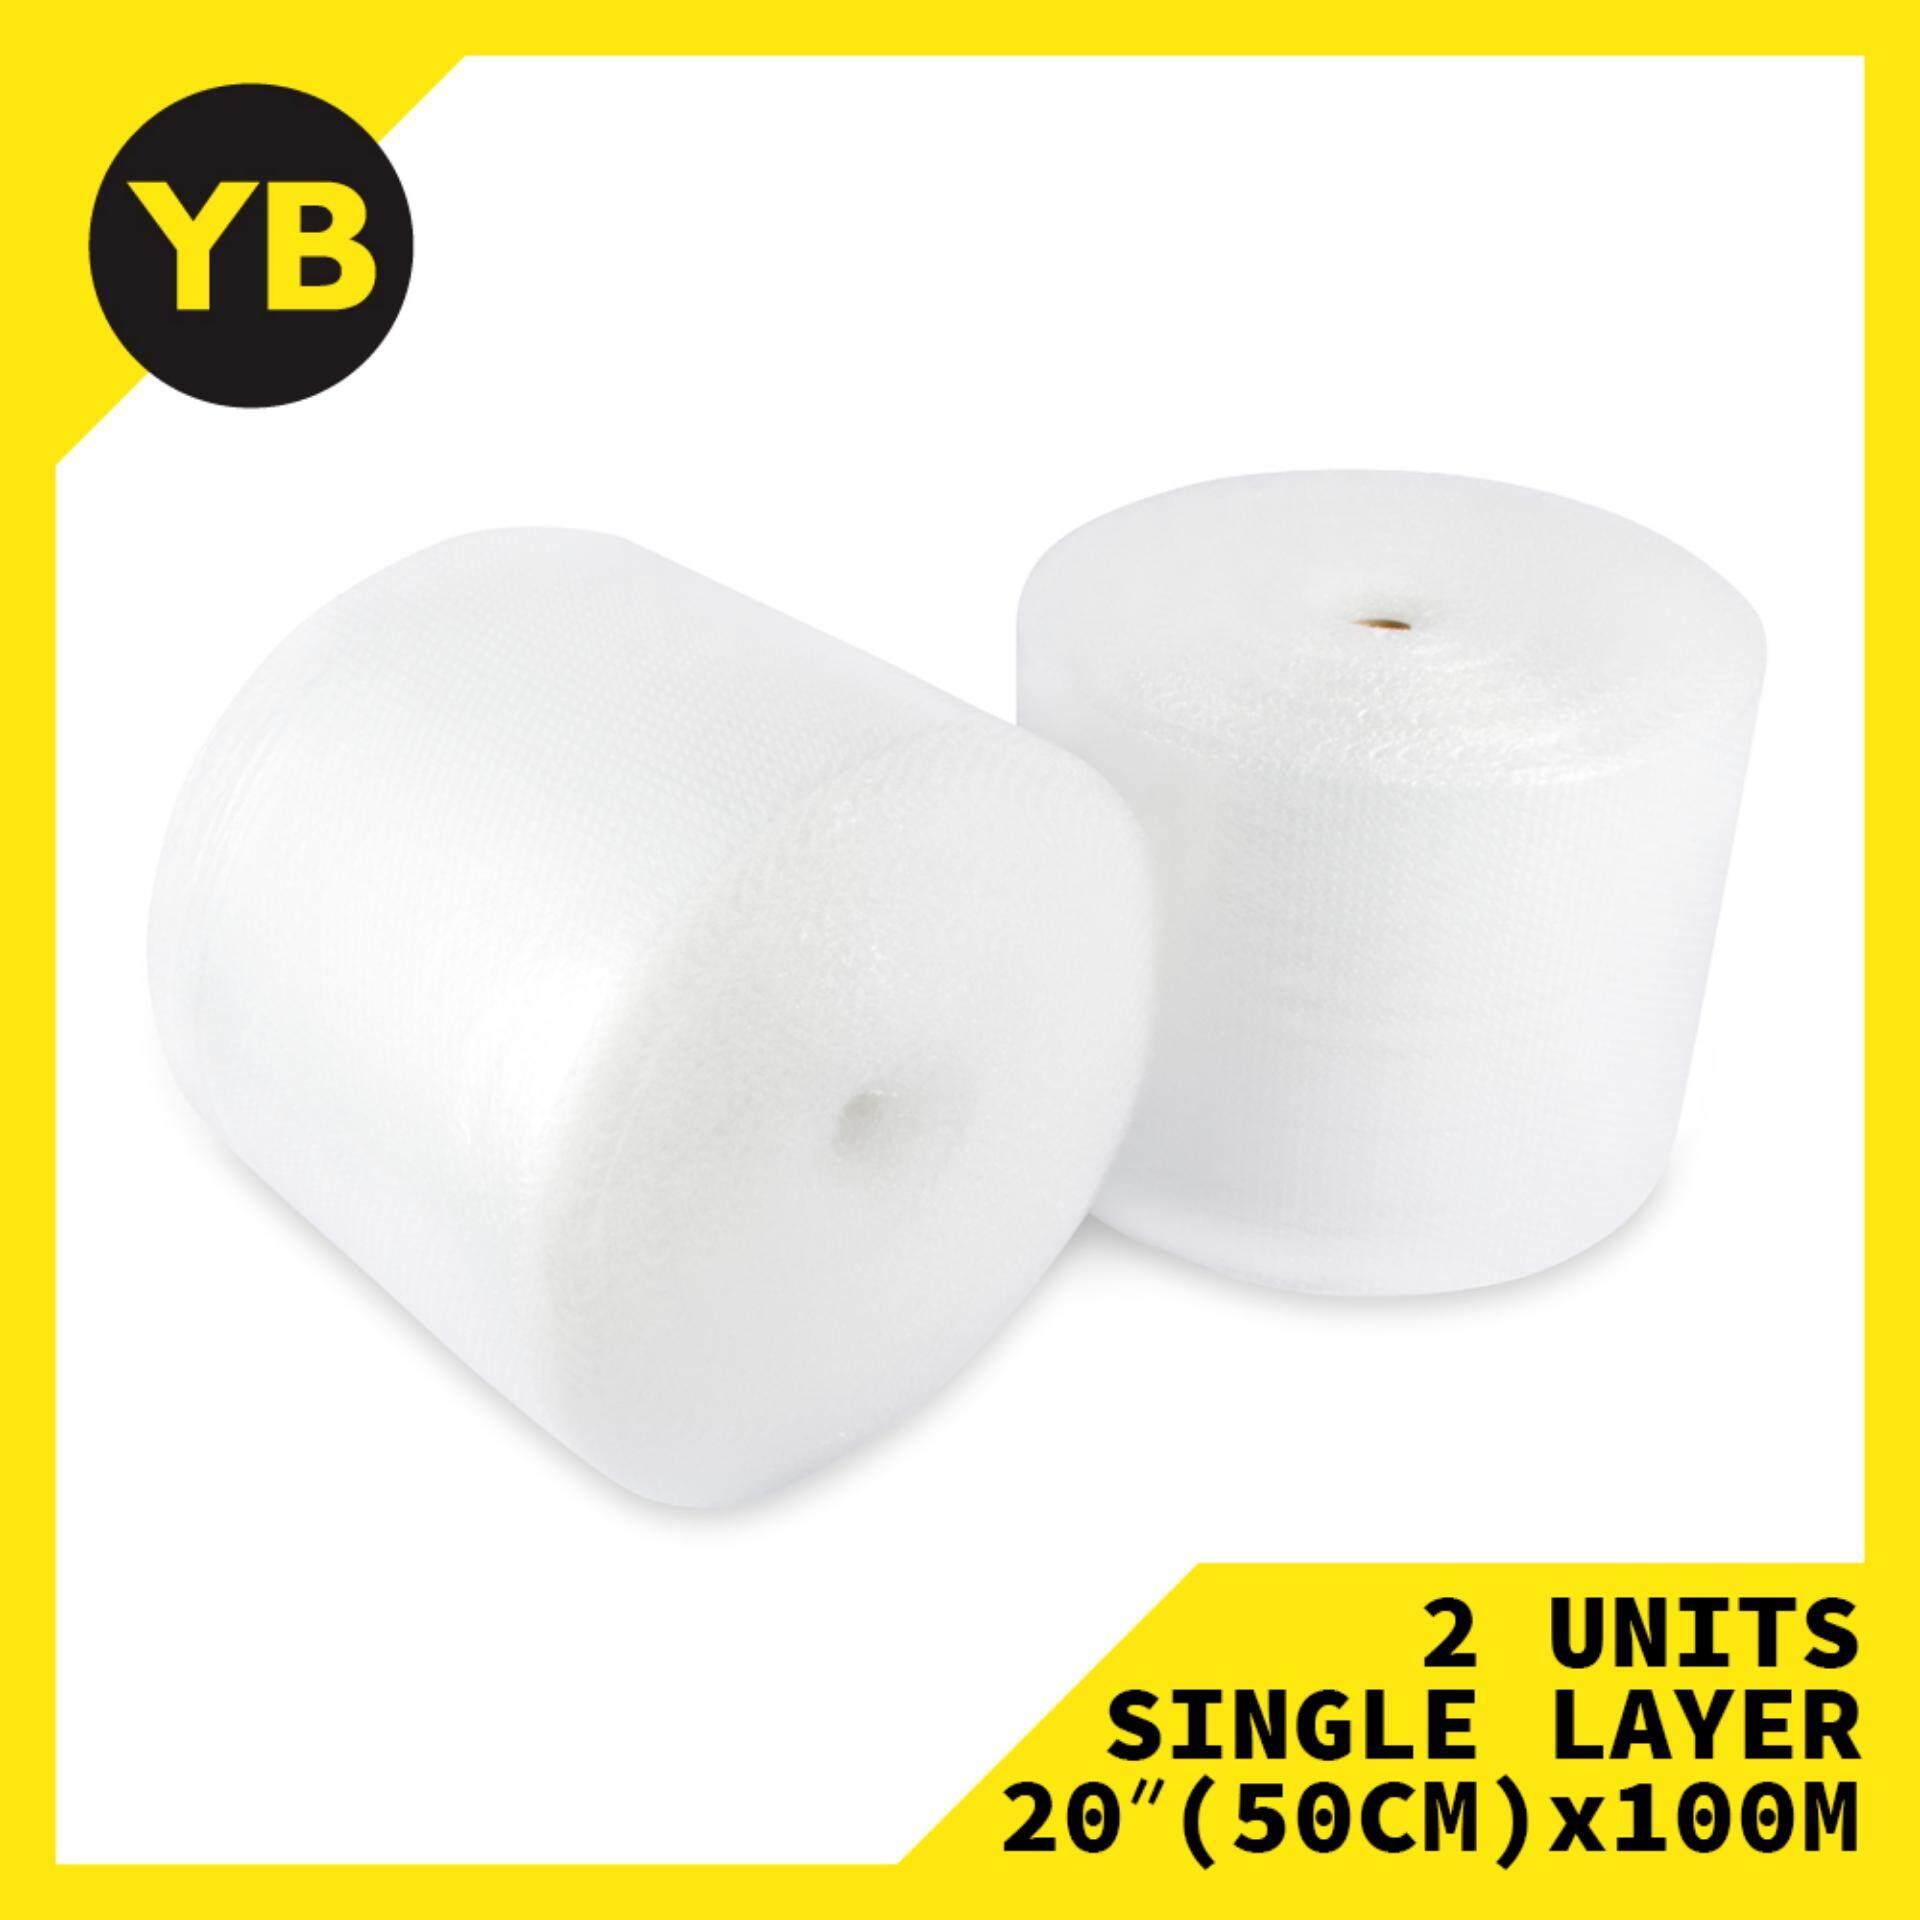 2x Bubble Roll 10mm x 20(50CM) x 100M Single Layer - YellowBox 1592.V0375-0015